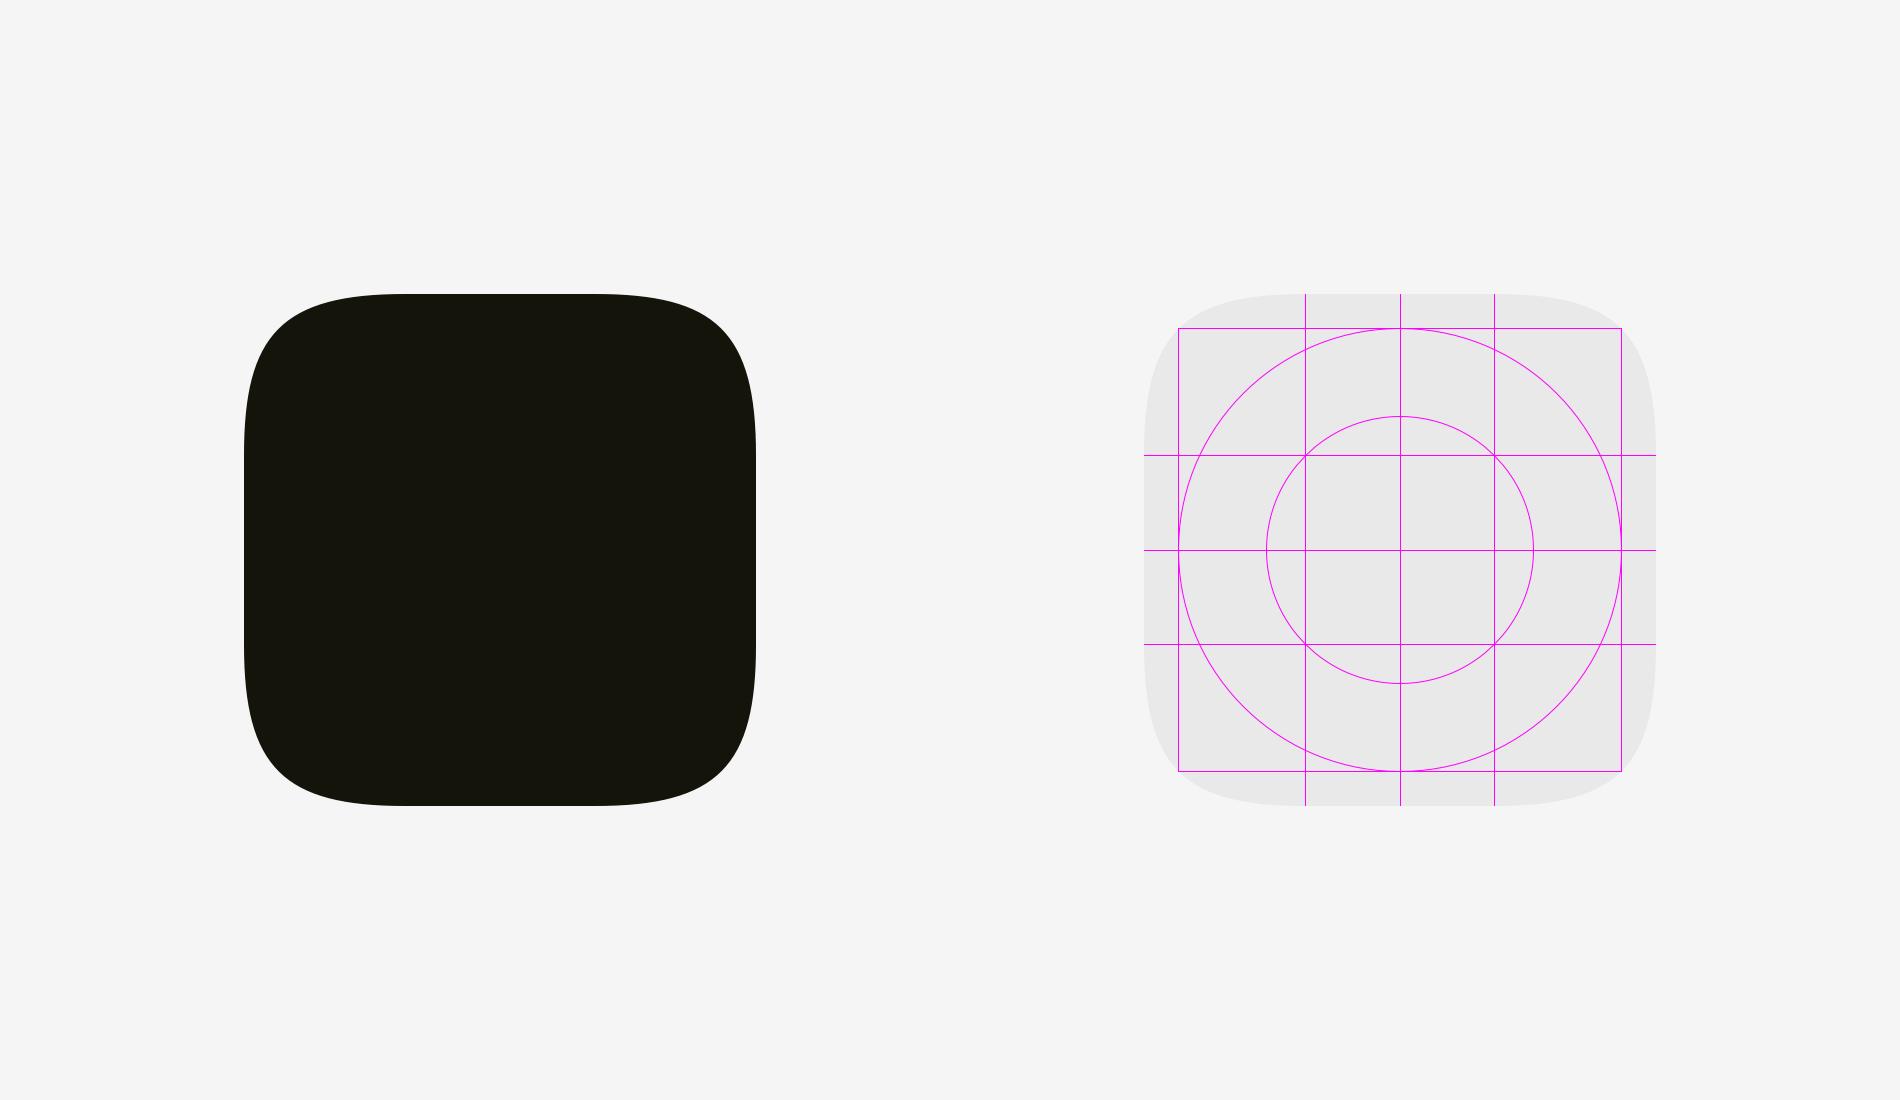 使用者介面的視覺效應(給真正的狂熱份子) – Intersection